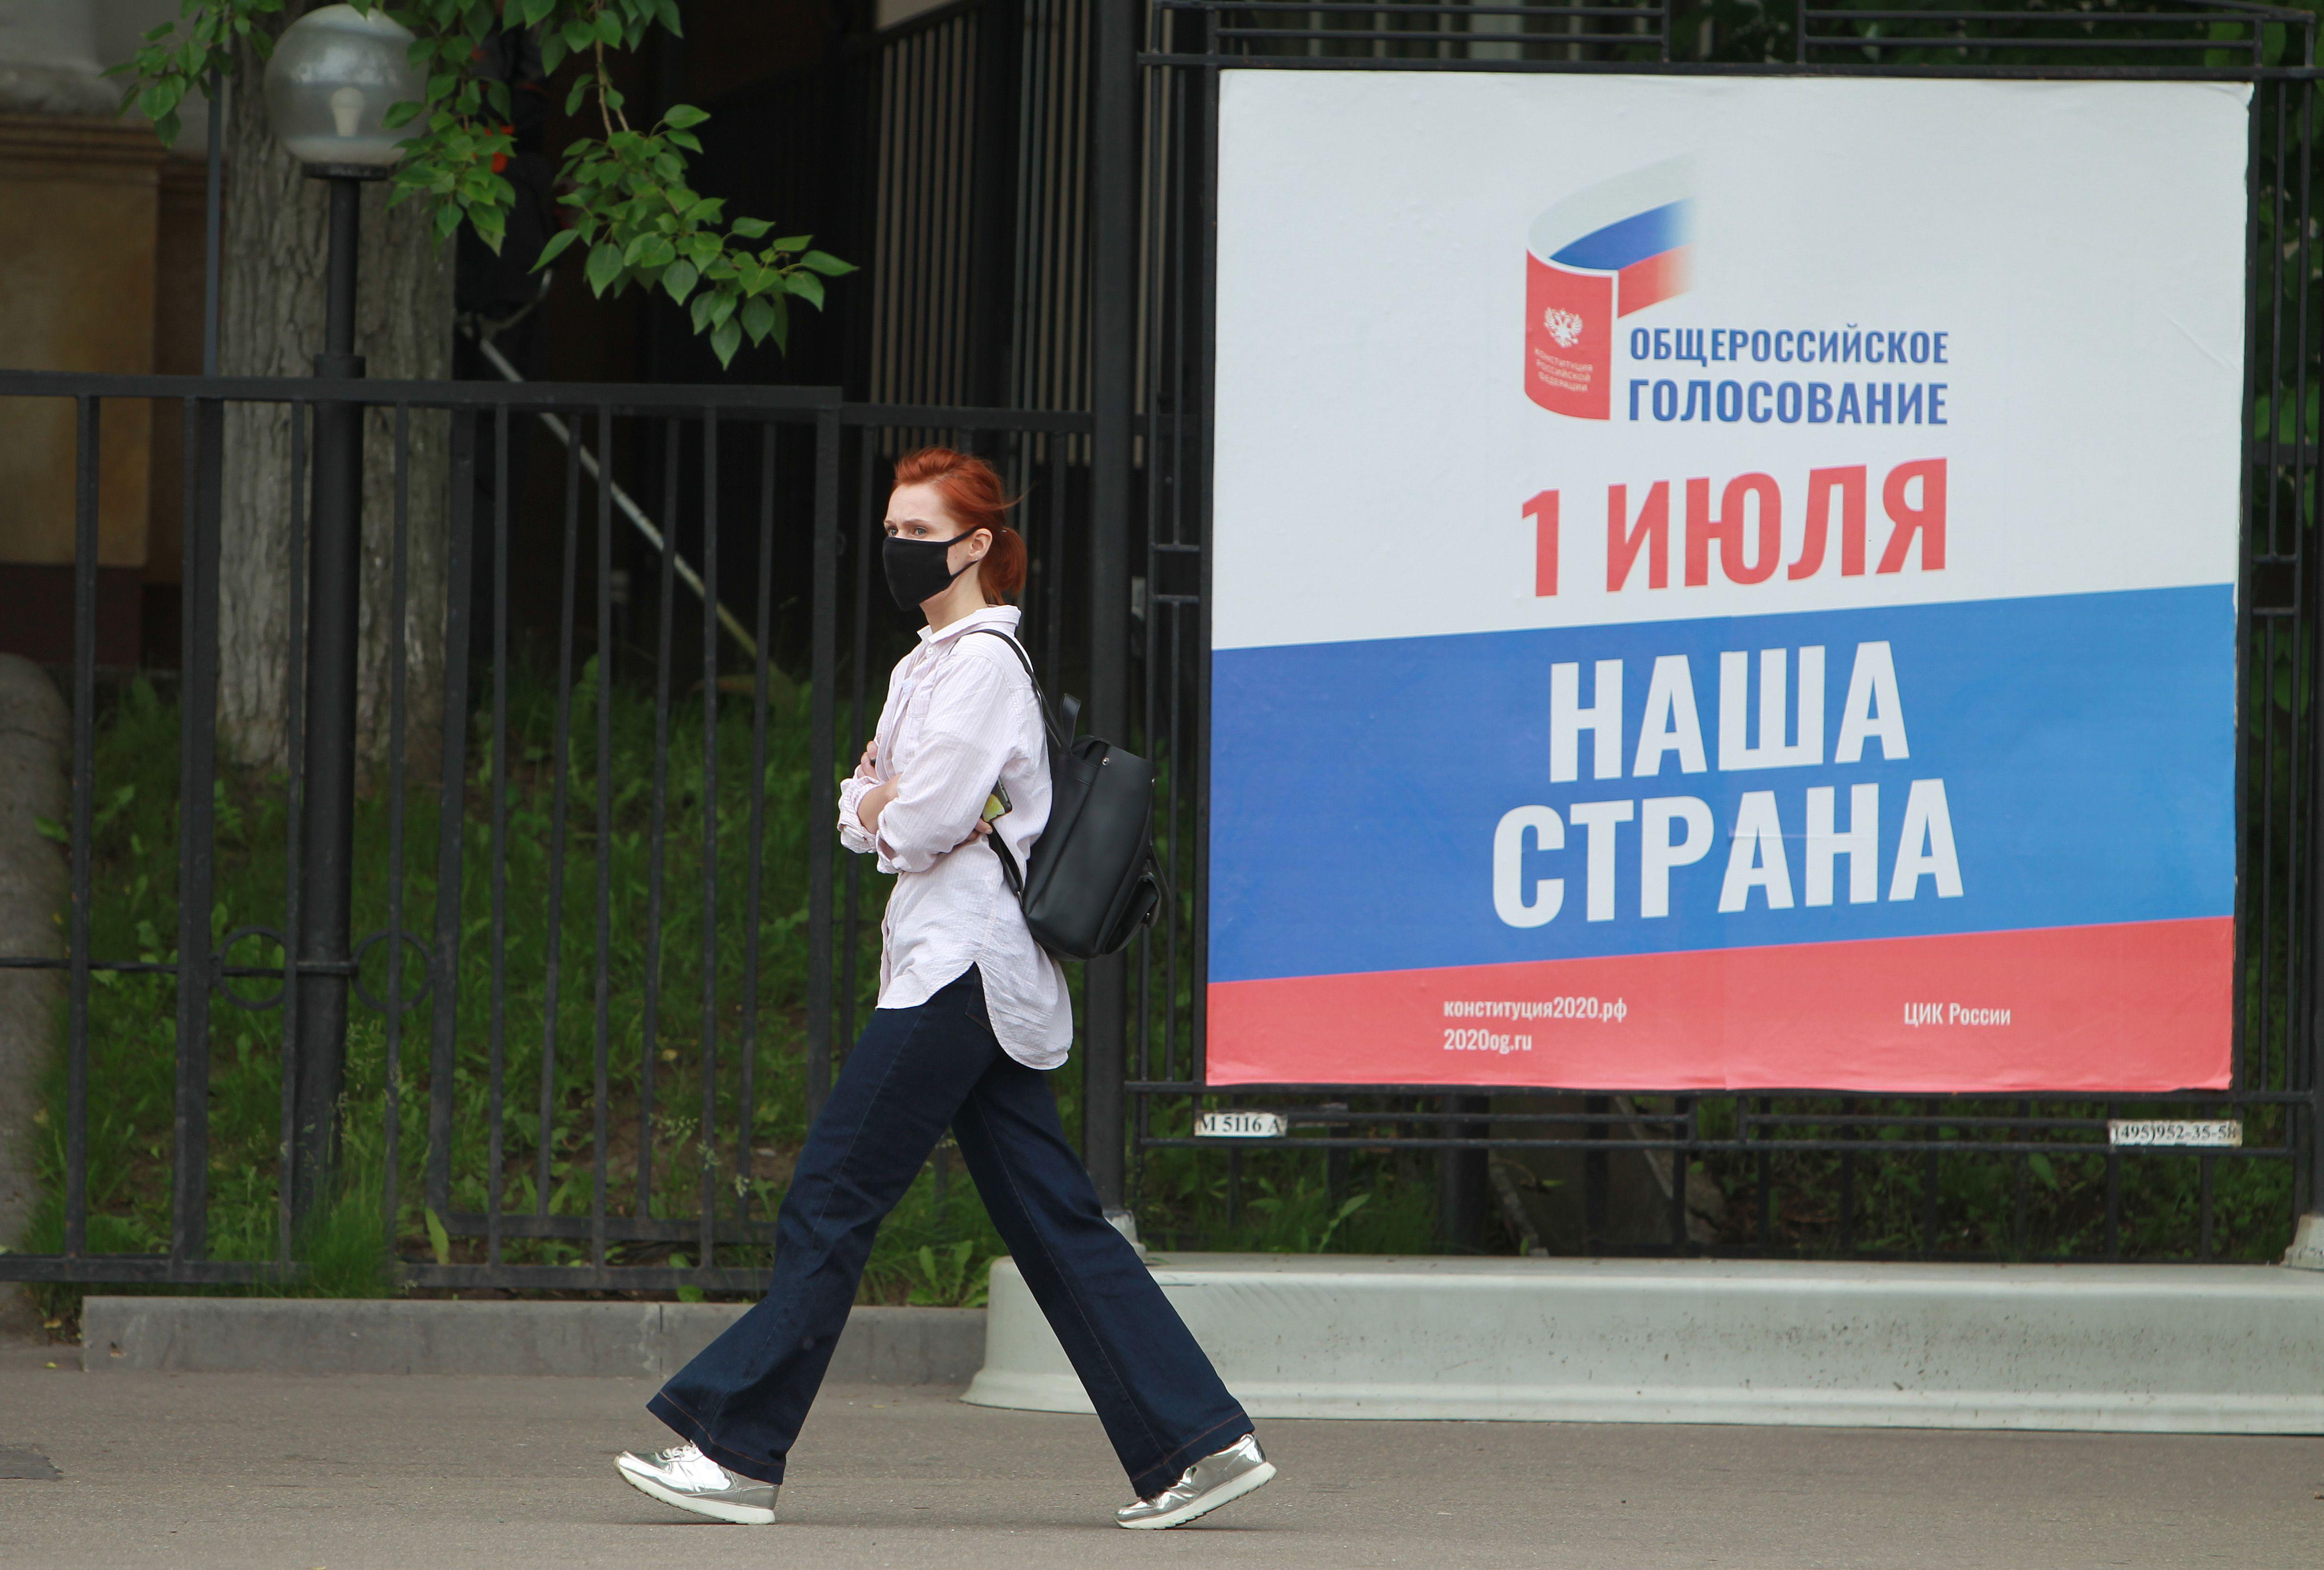 Политолог: Голосование в Москве демонстрирует позитивный настрой граждан